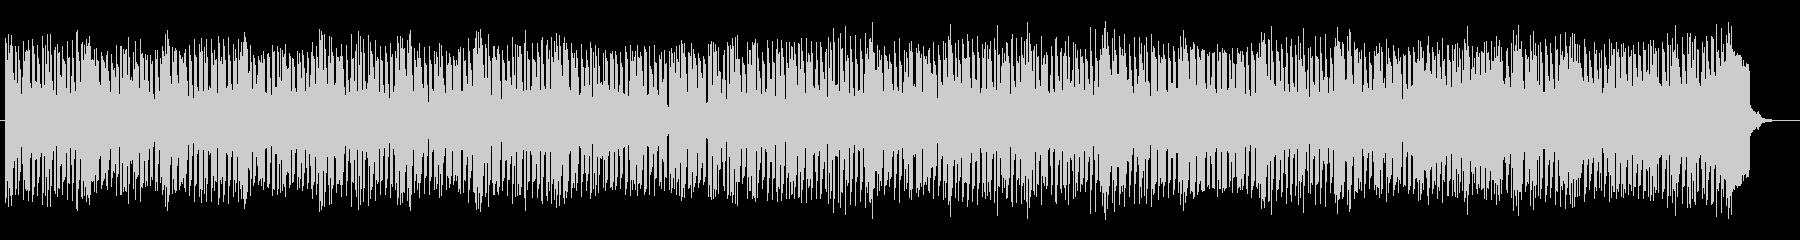 キラキラした音色のシンセミュージックの未再生の波形